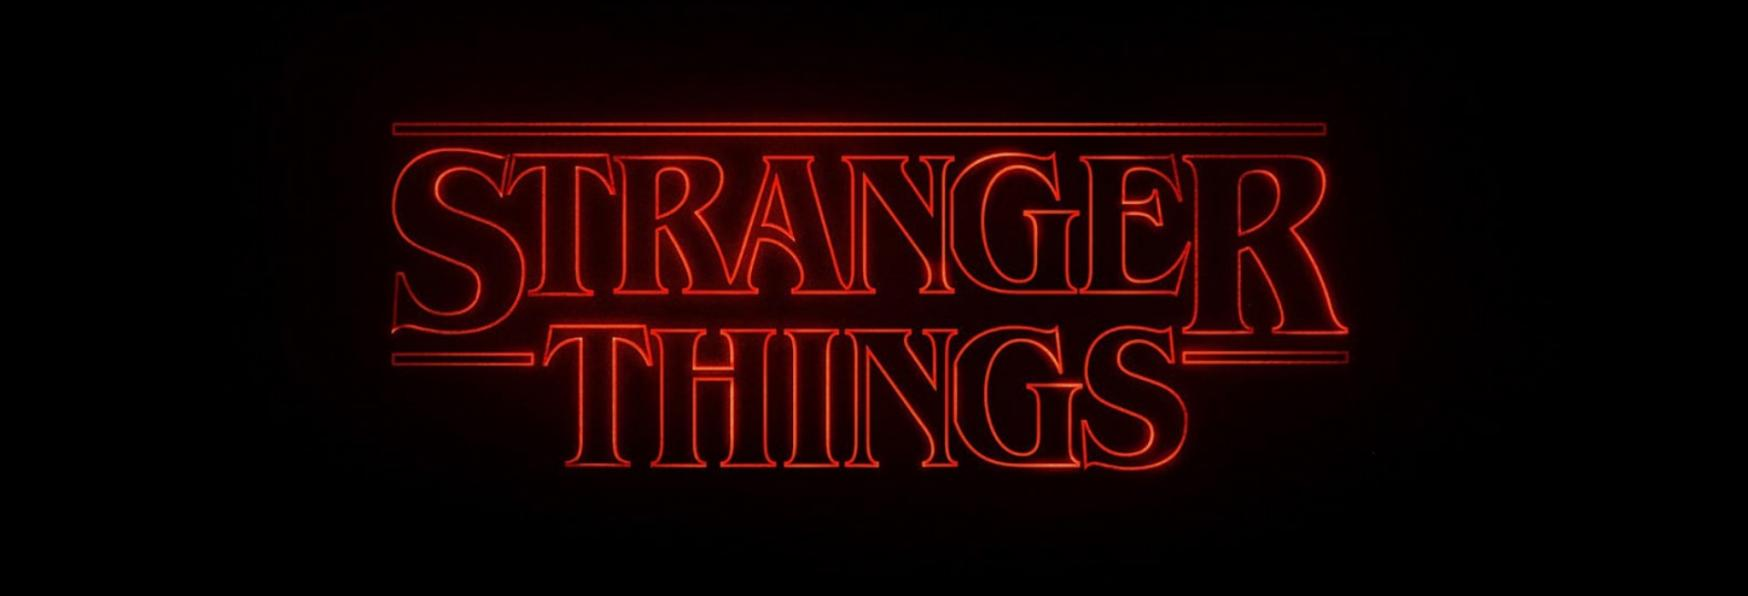 Stranger Things 4: nemmeno il Cast sa quanto manca alla Fine delle Riprese della nuova Stagione